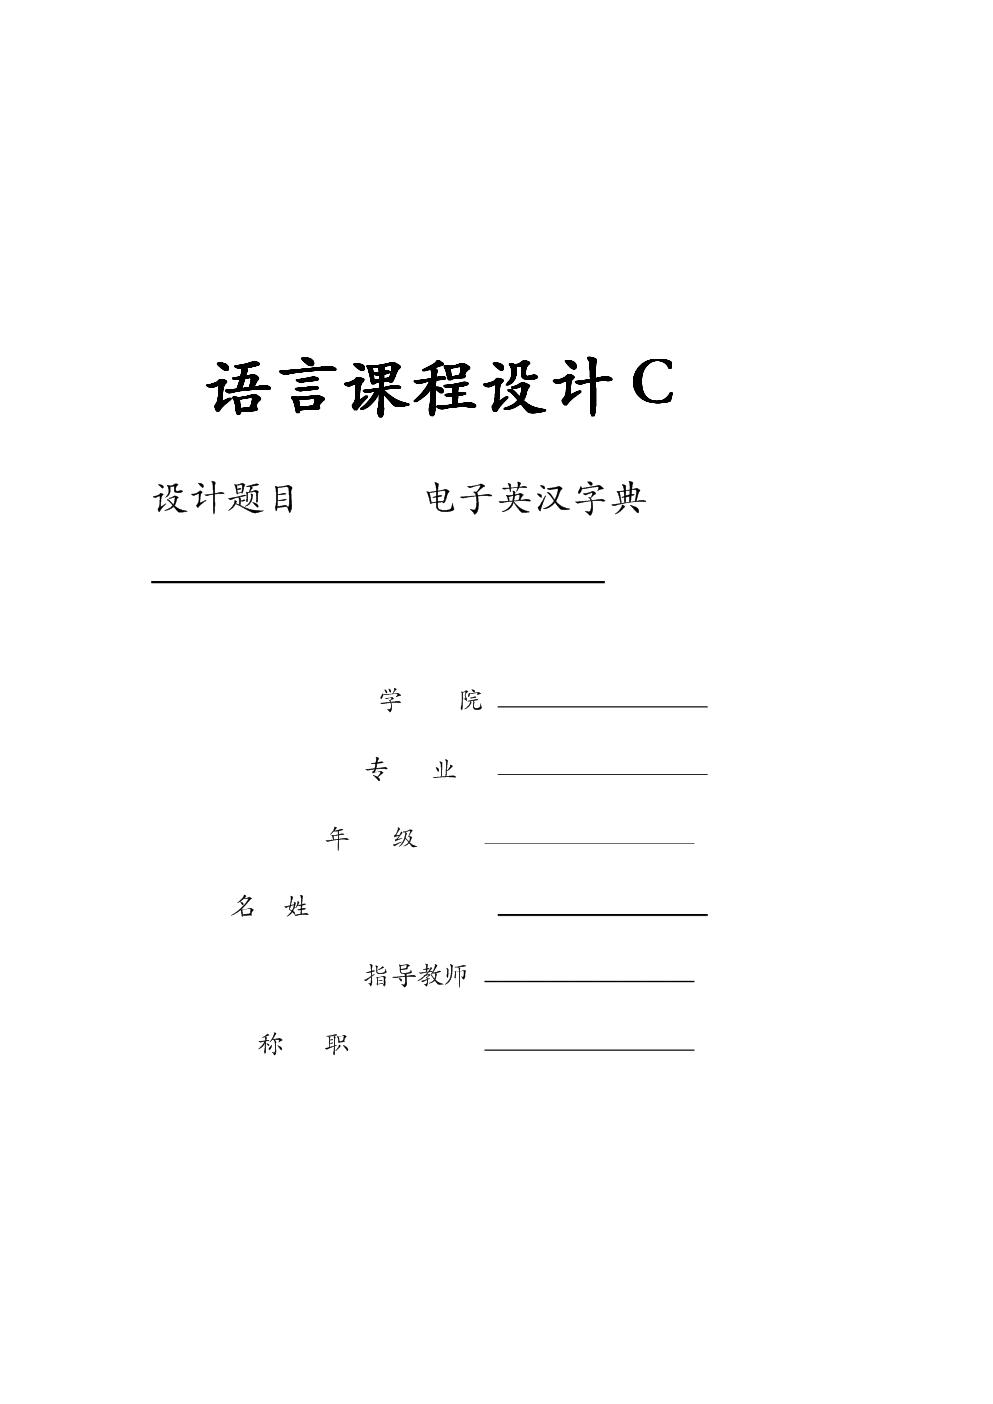 完整word版2018C语言电子词典学习.doc